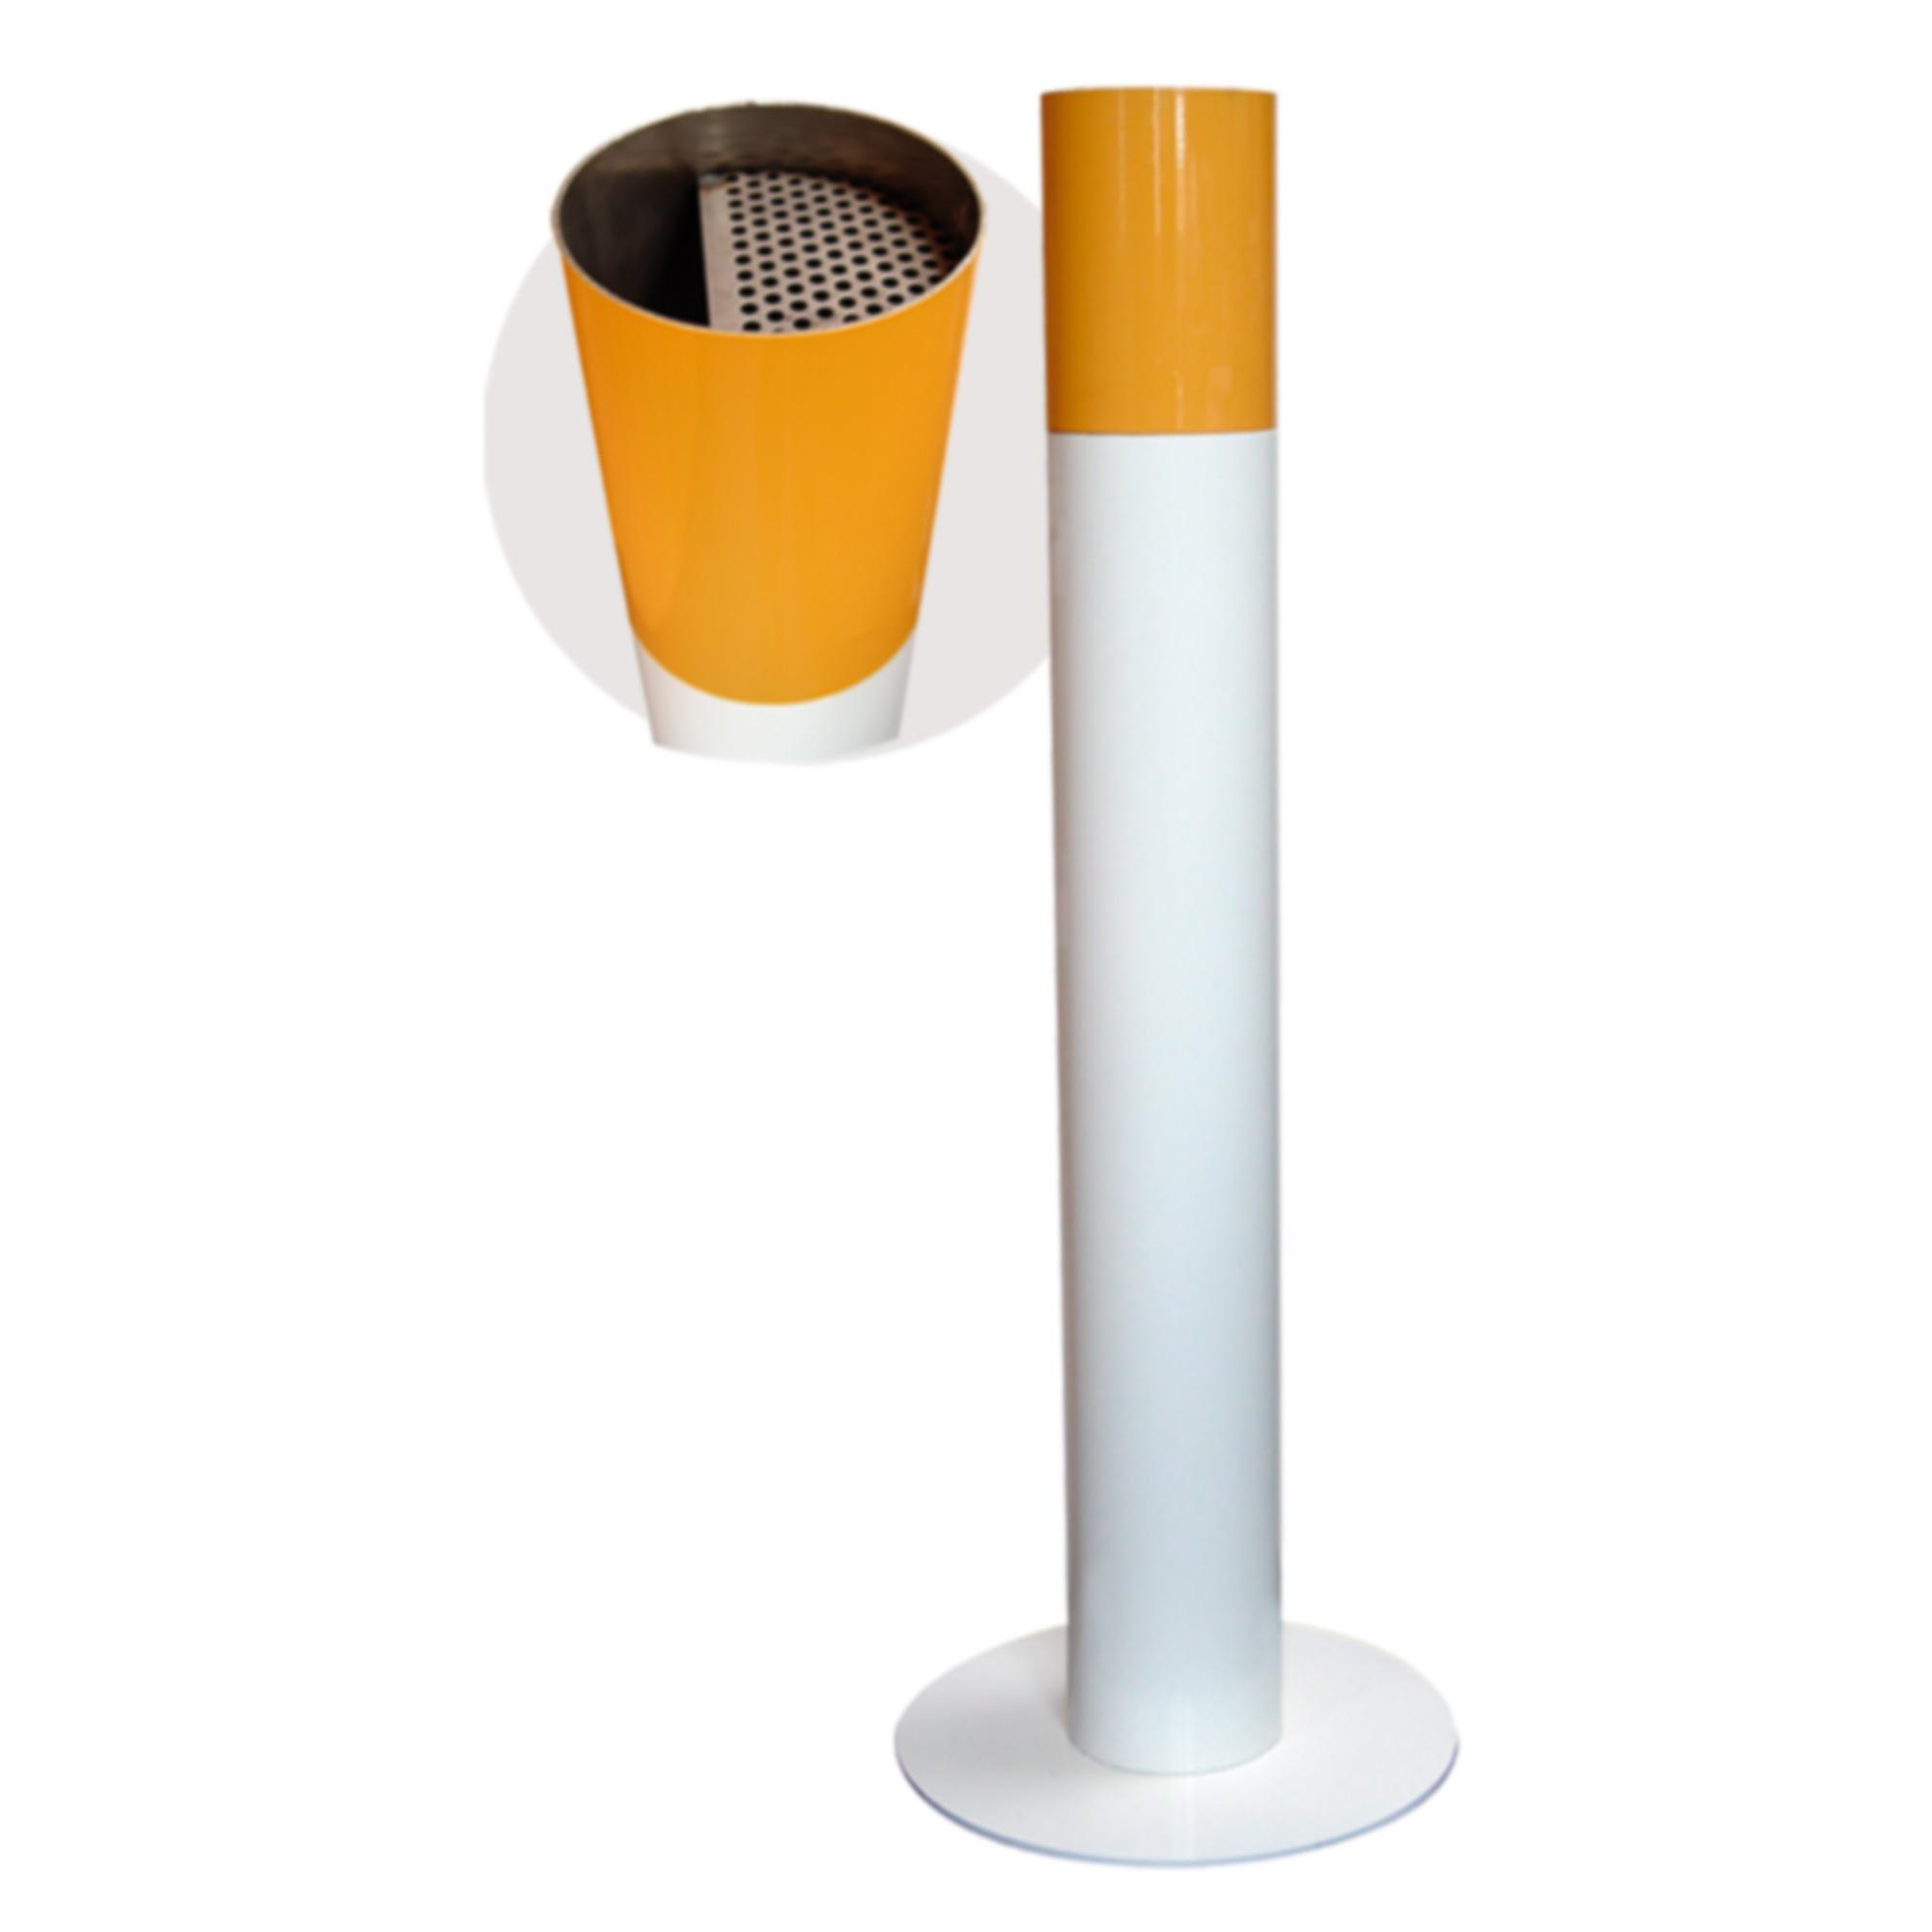 Aschenbecher im Zigarettenlook